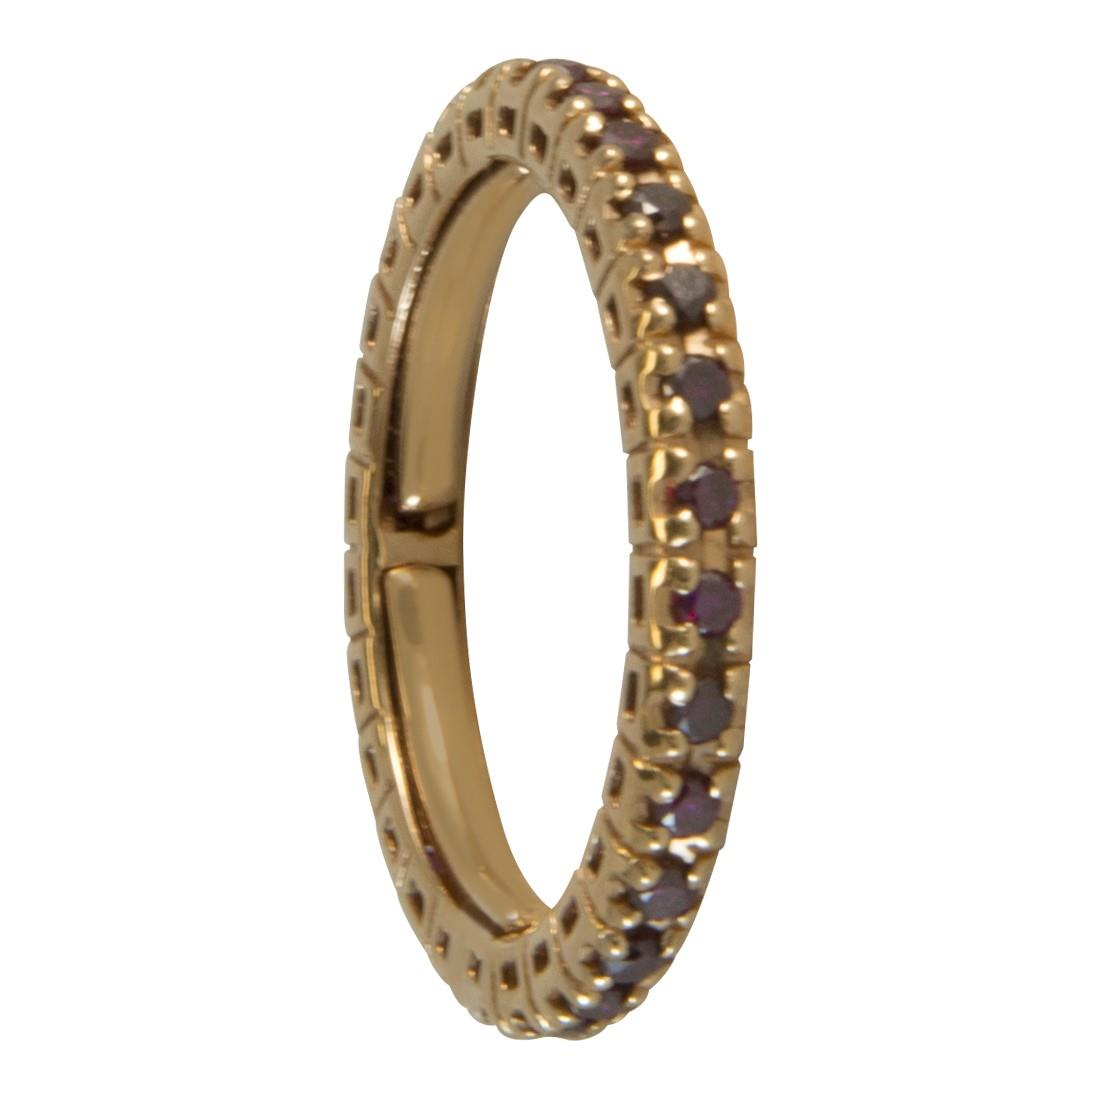 Anello in oro giallo con diamanti viola ct 0.50 - ALFIERI ST JOHN